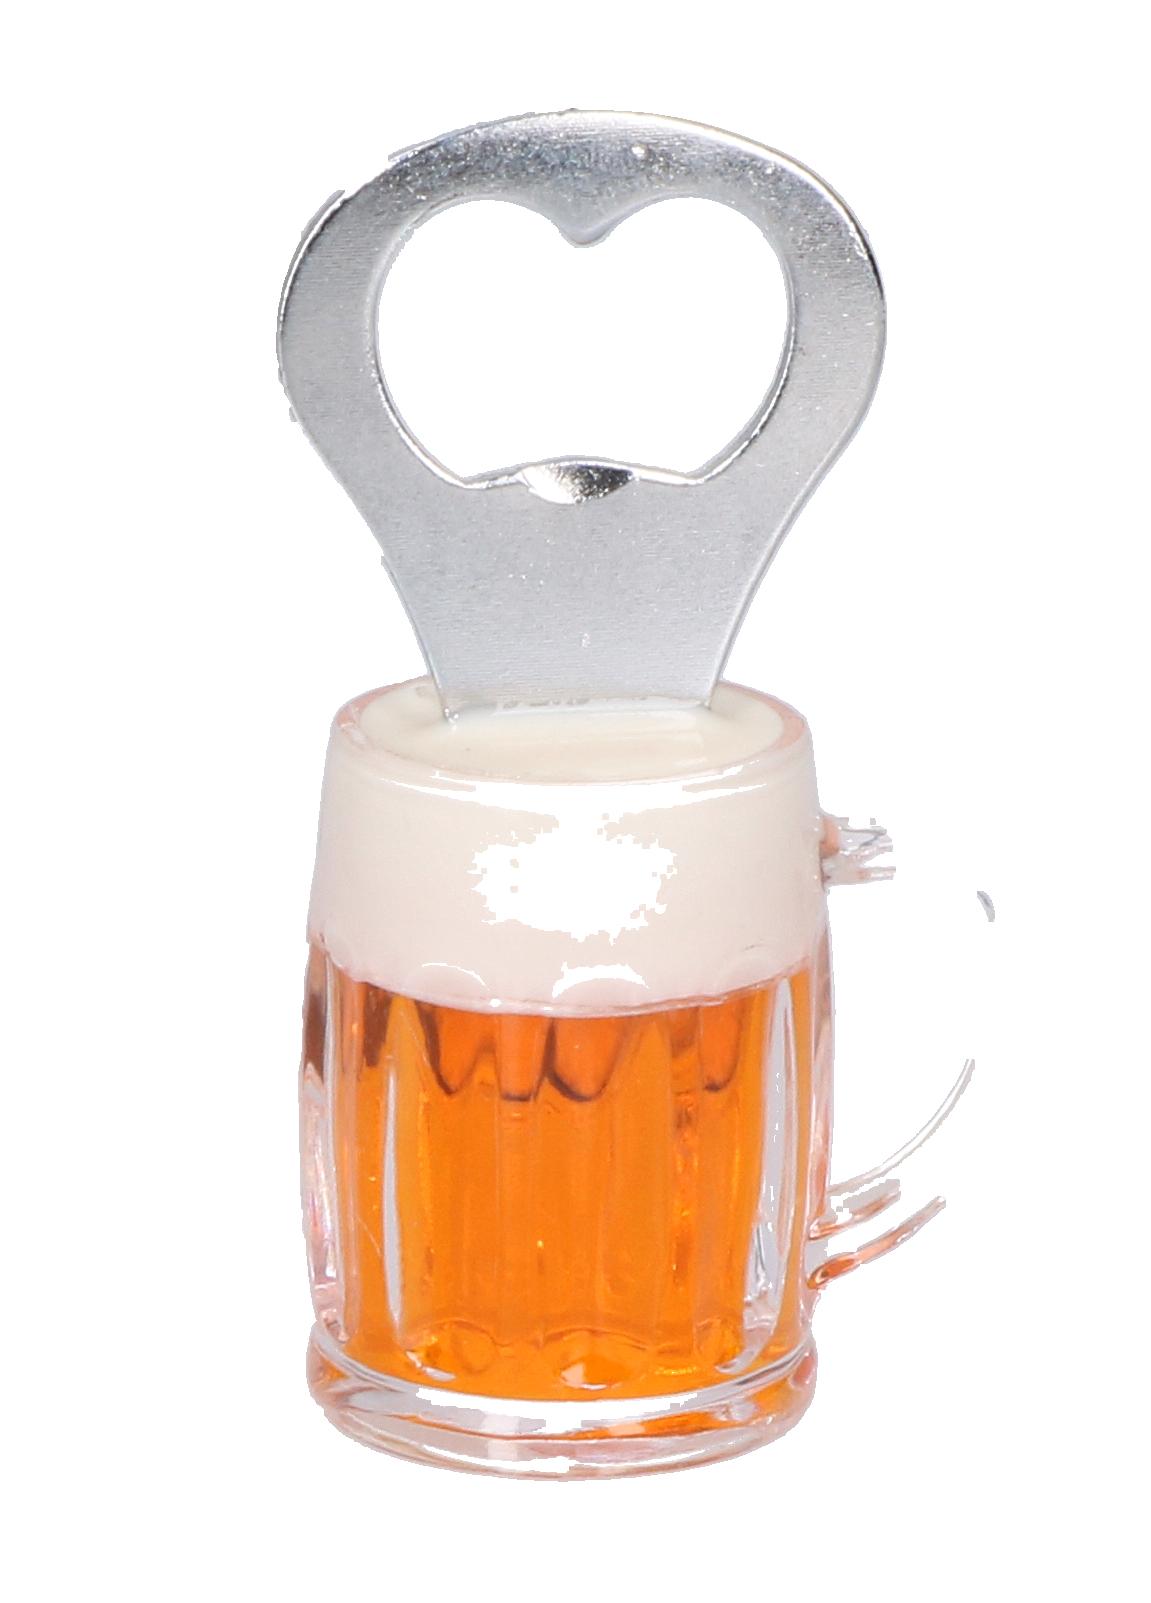 Opener bierpul